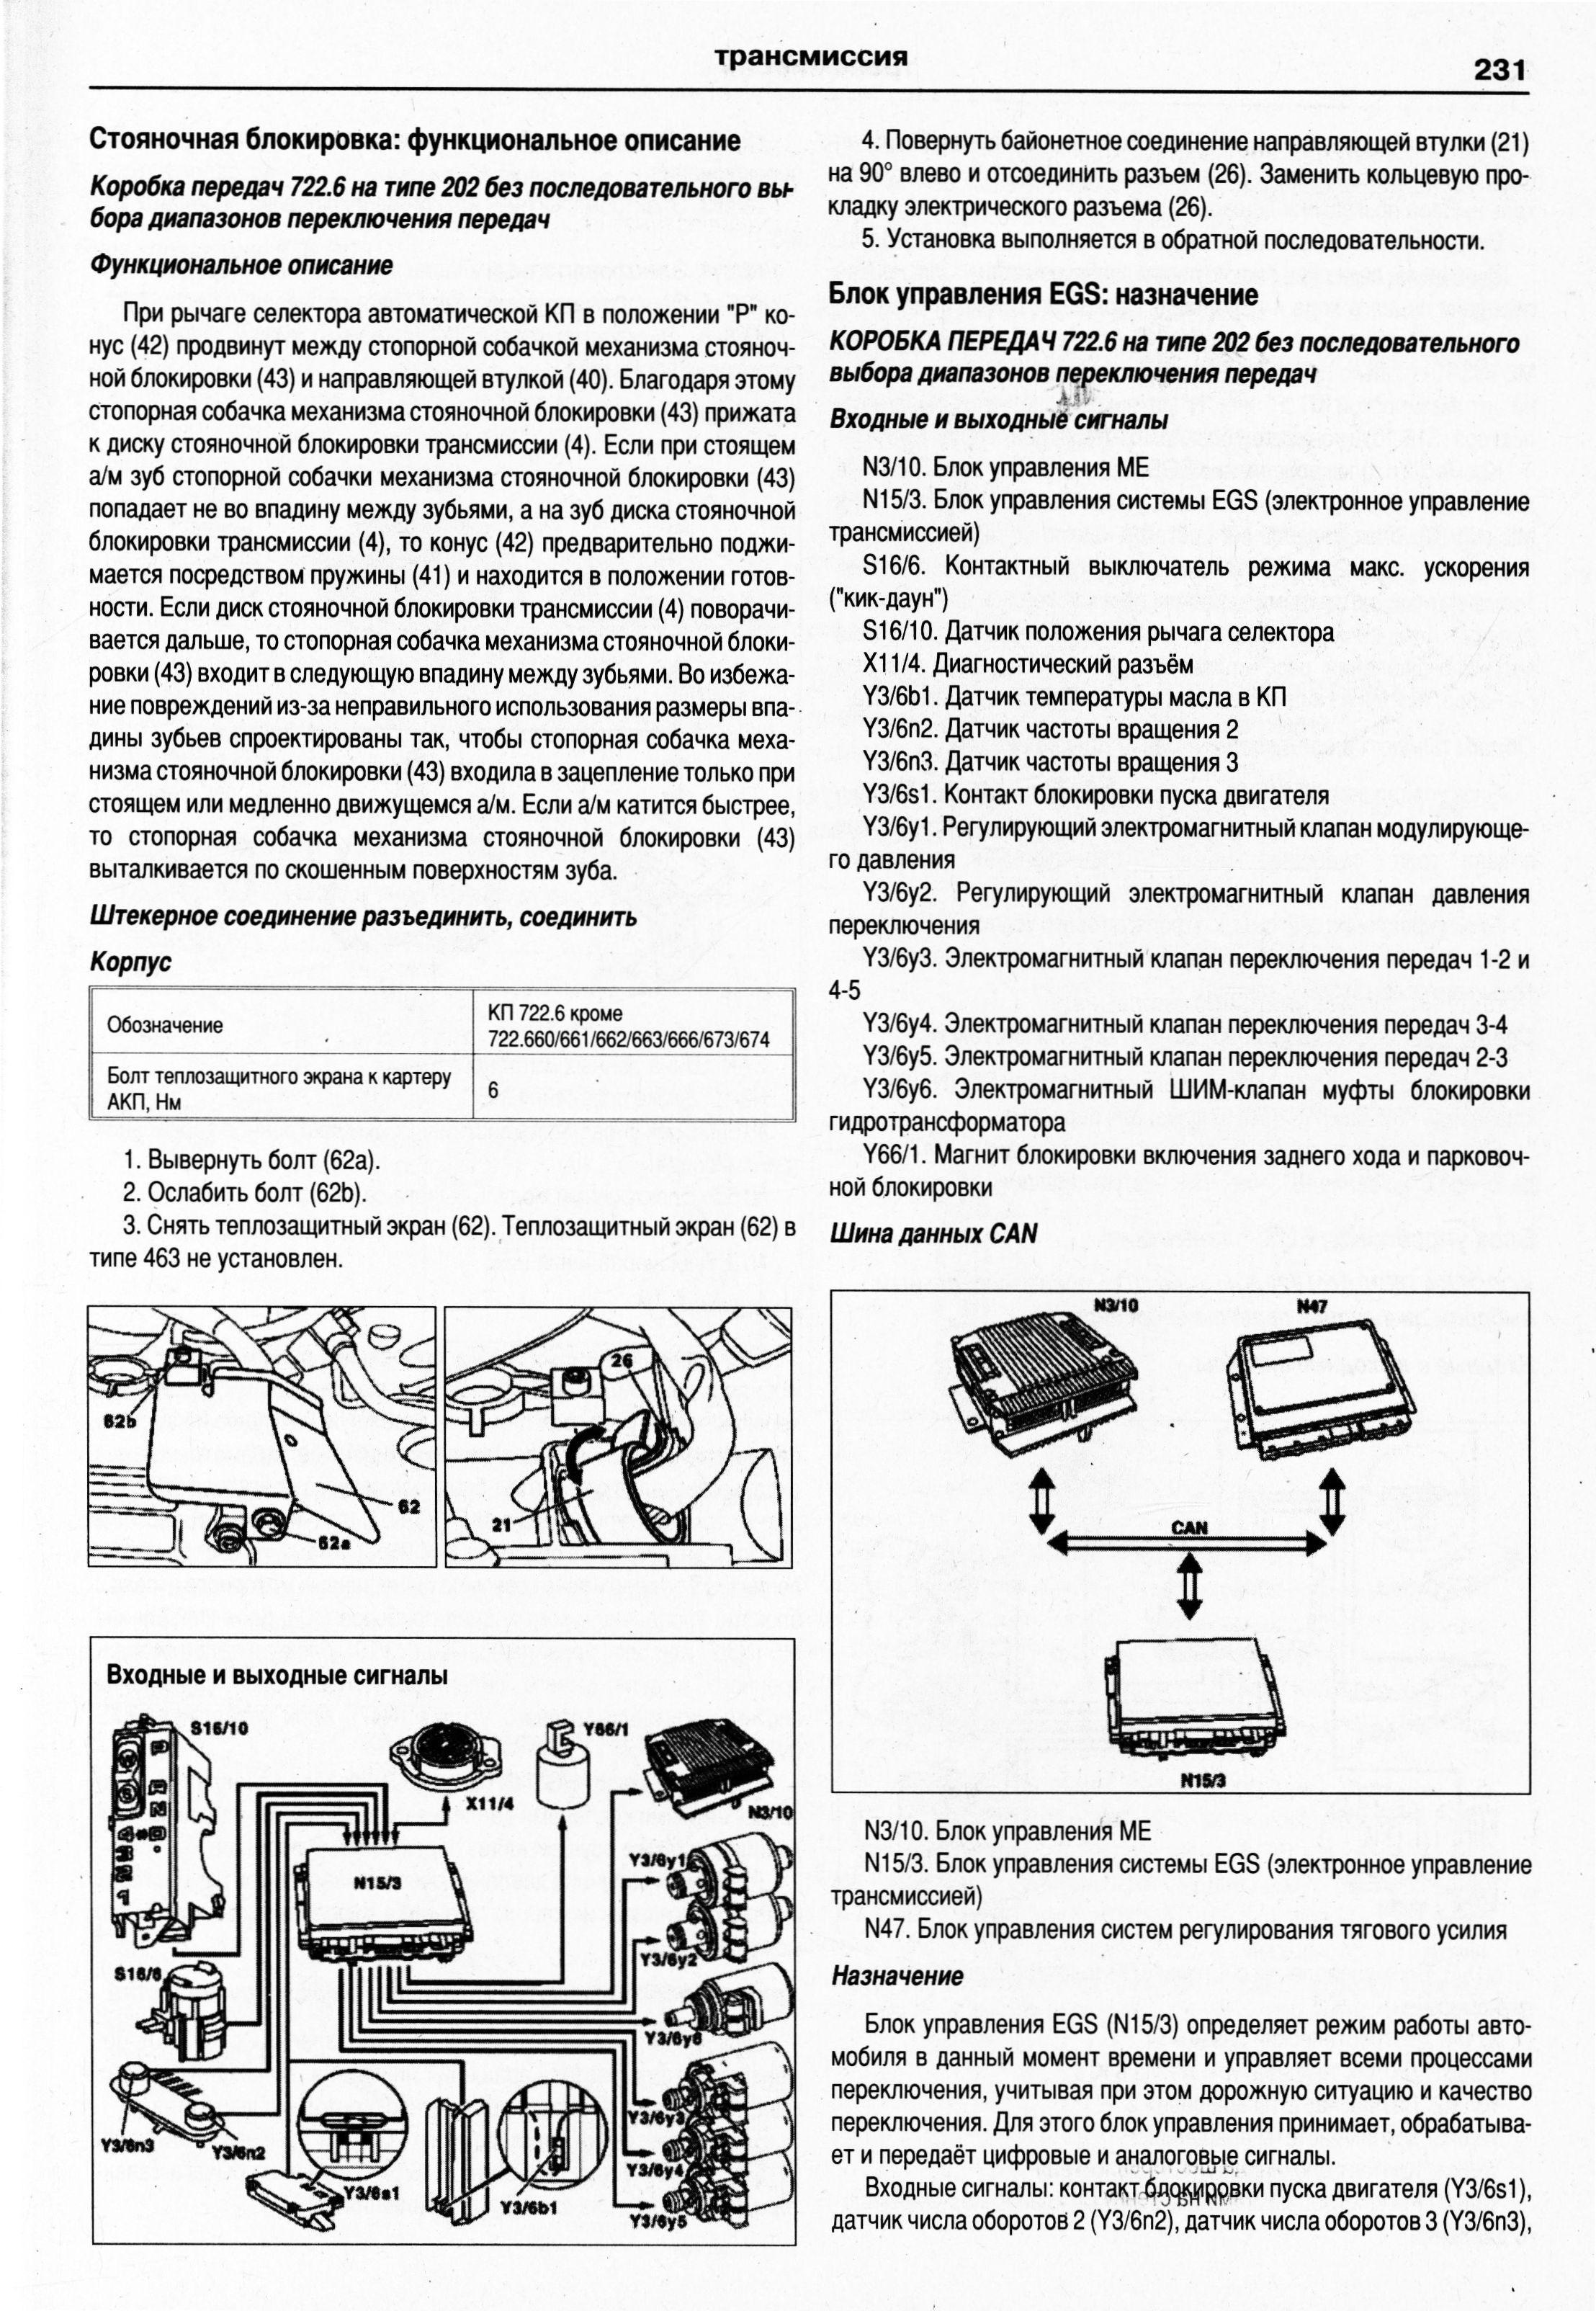 инструкция по эксплуатации мерседес w203 рестайлинг